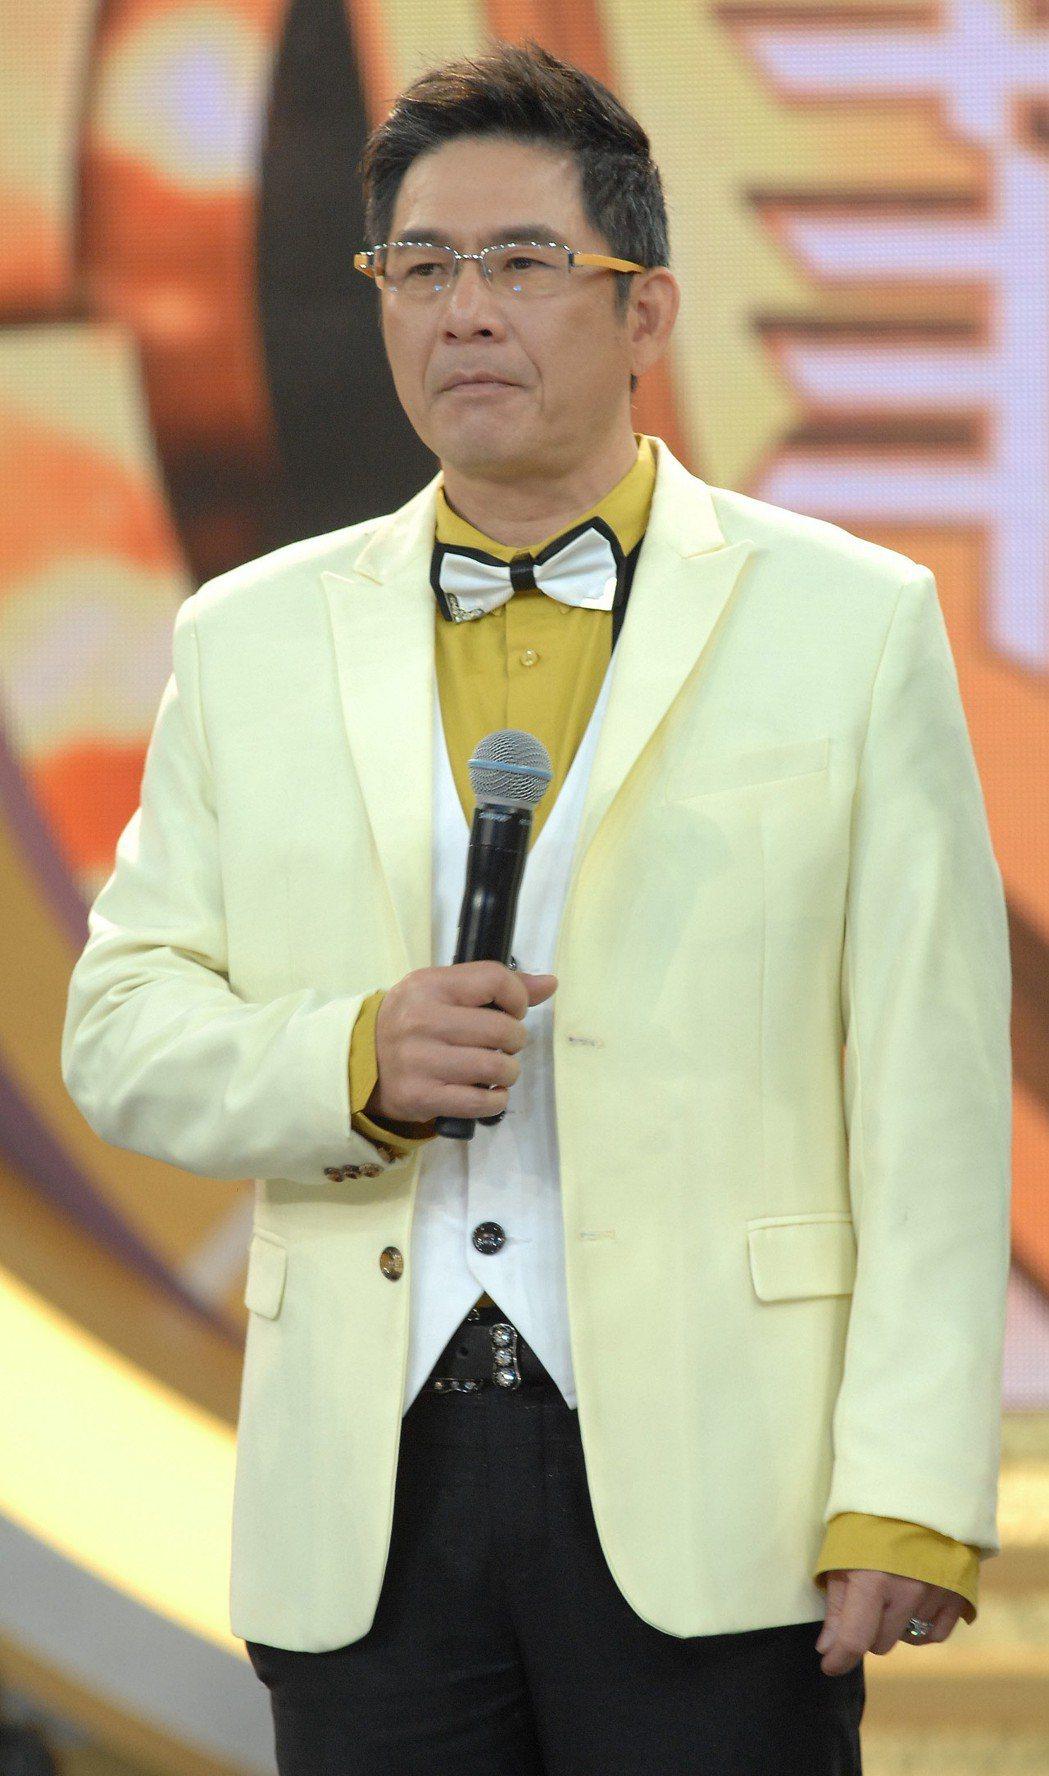 洪都拉斯現在張菲「綜藝菲常讚」裡擔任固定搭檔。圖/華視提供